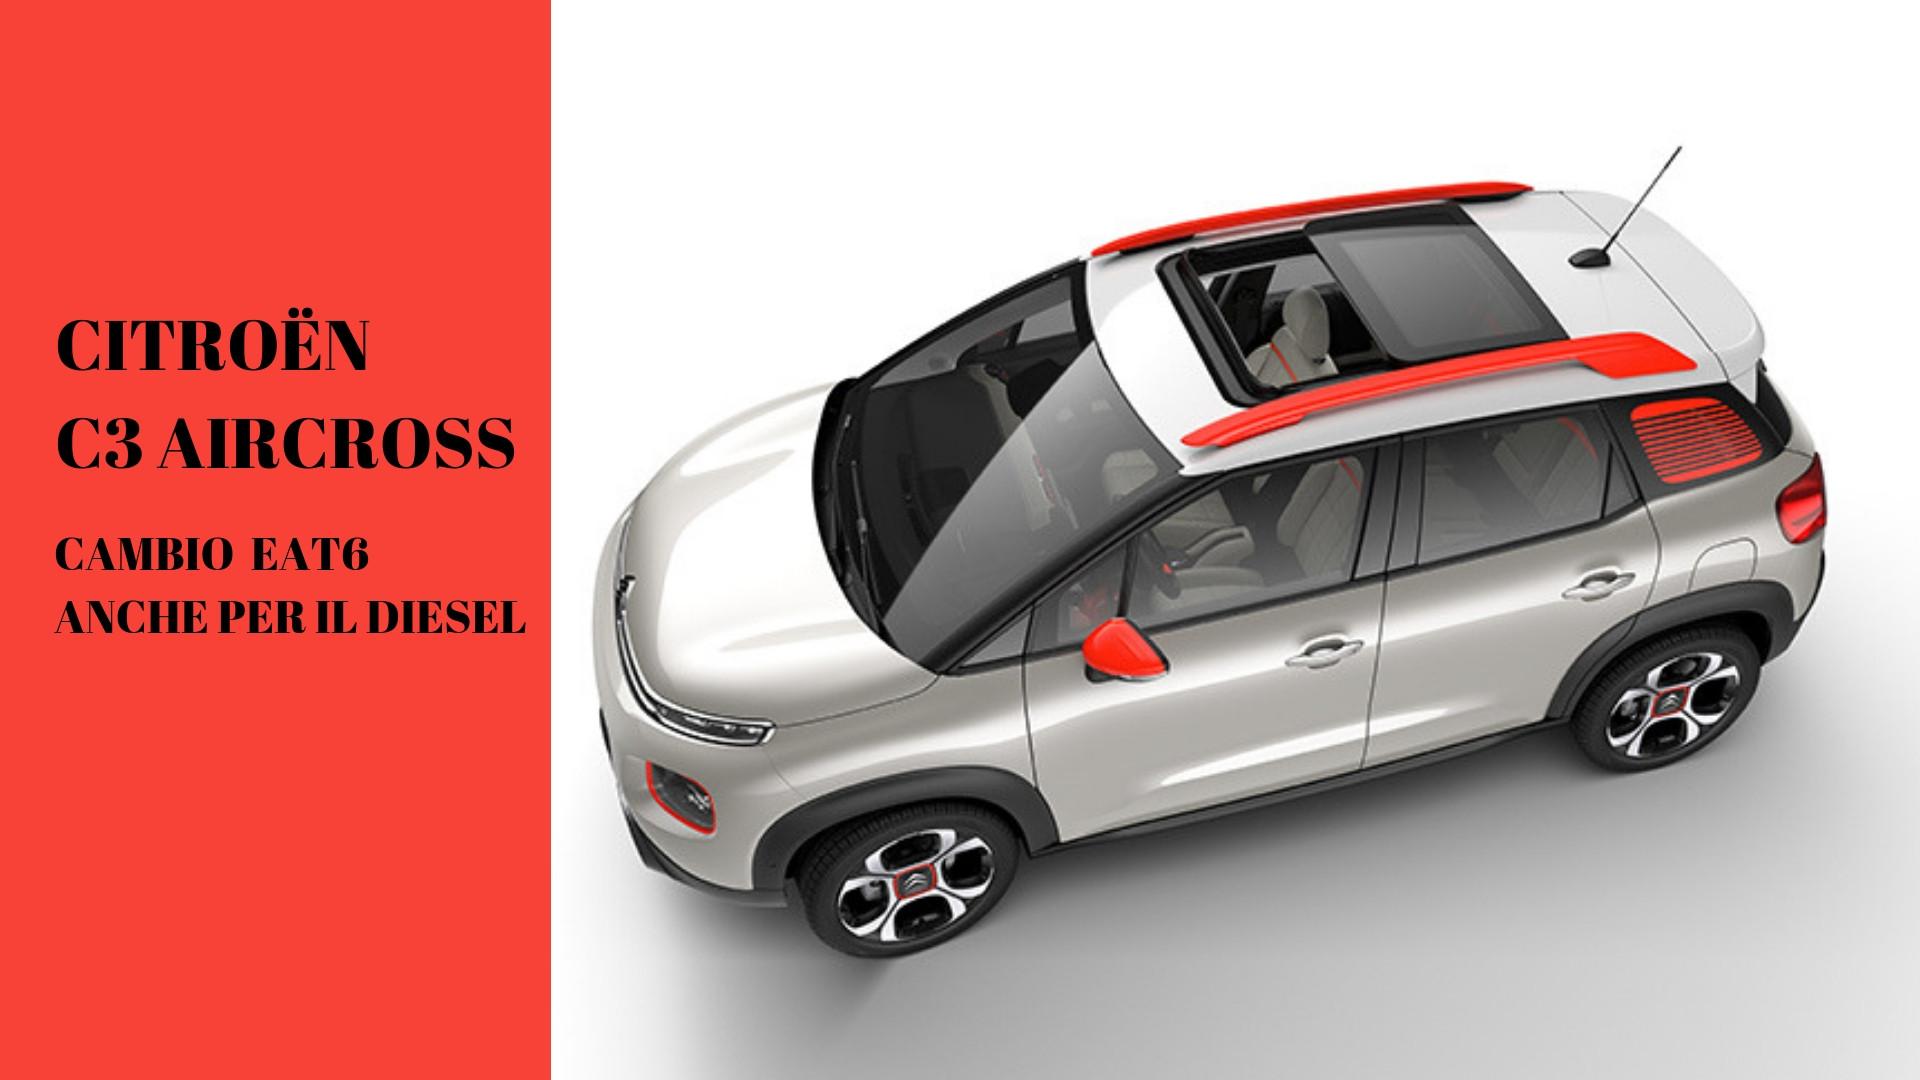 Citroën C3 Aircross: cambio EAT6 anche per il diesel